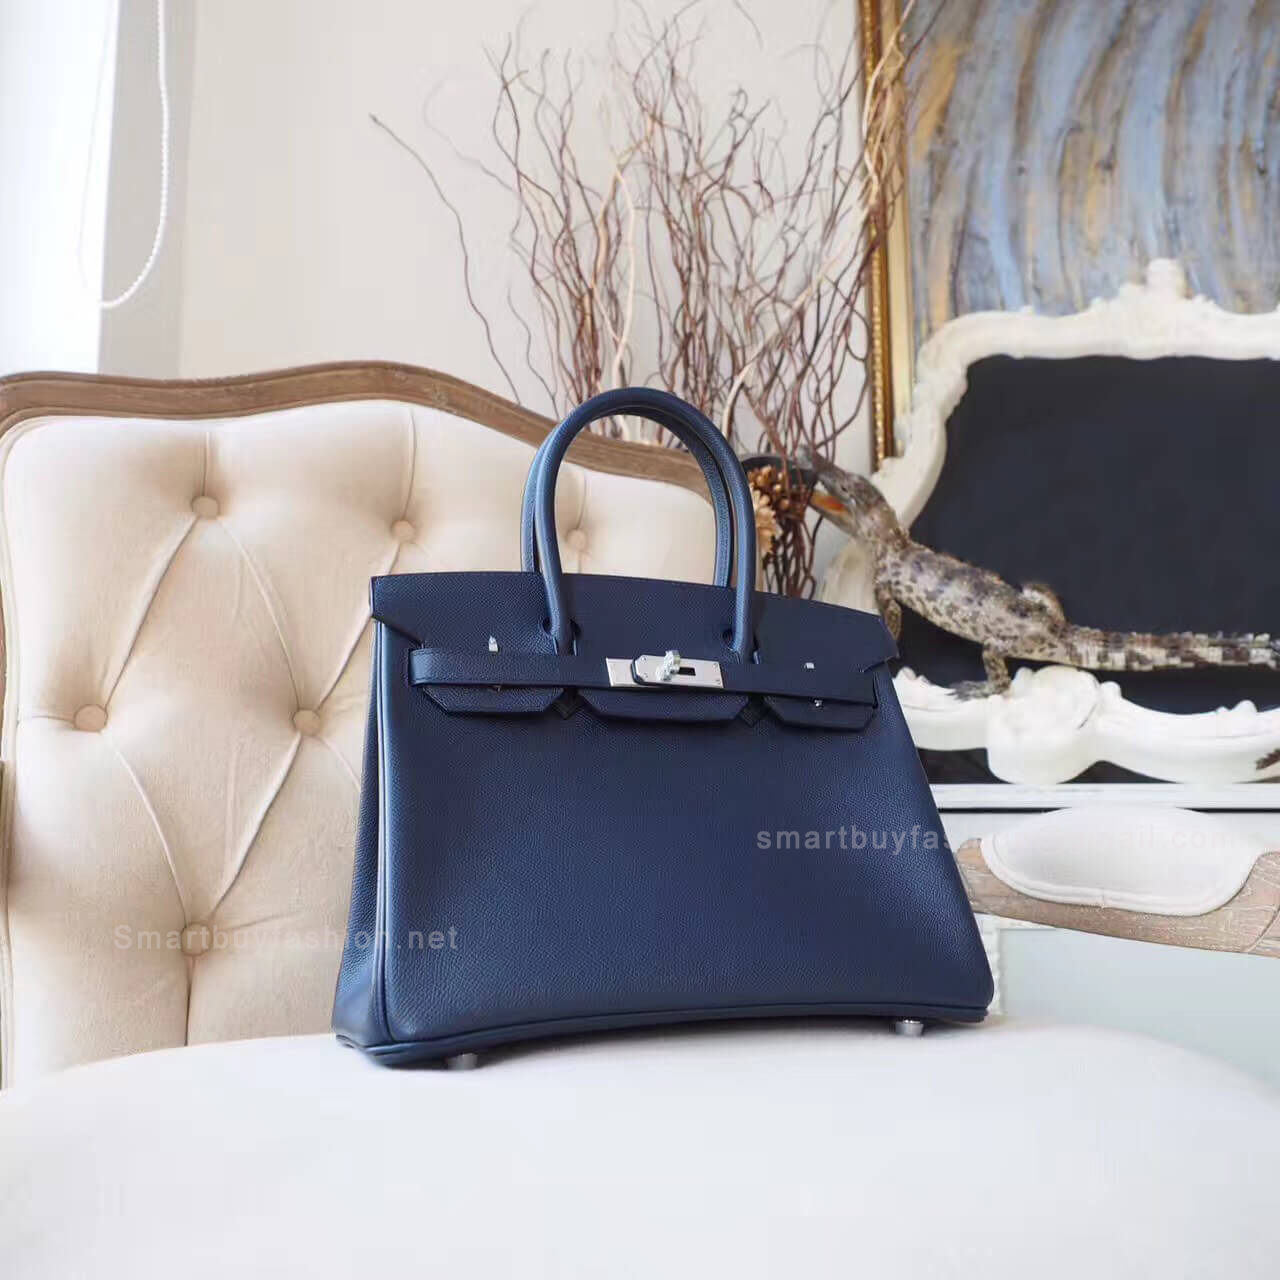 59364884794 Hermes Birkin 30 Handbag in ck76 Blue Indigo Epsom PHW